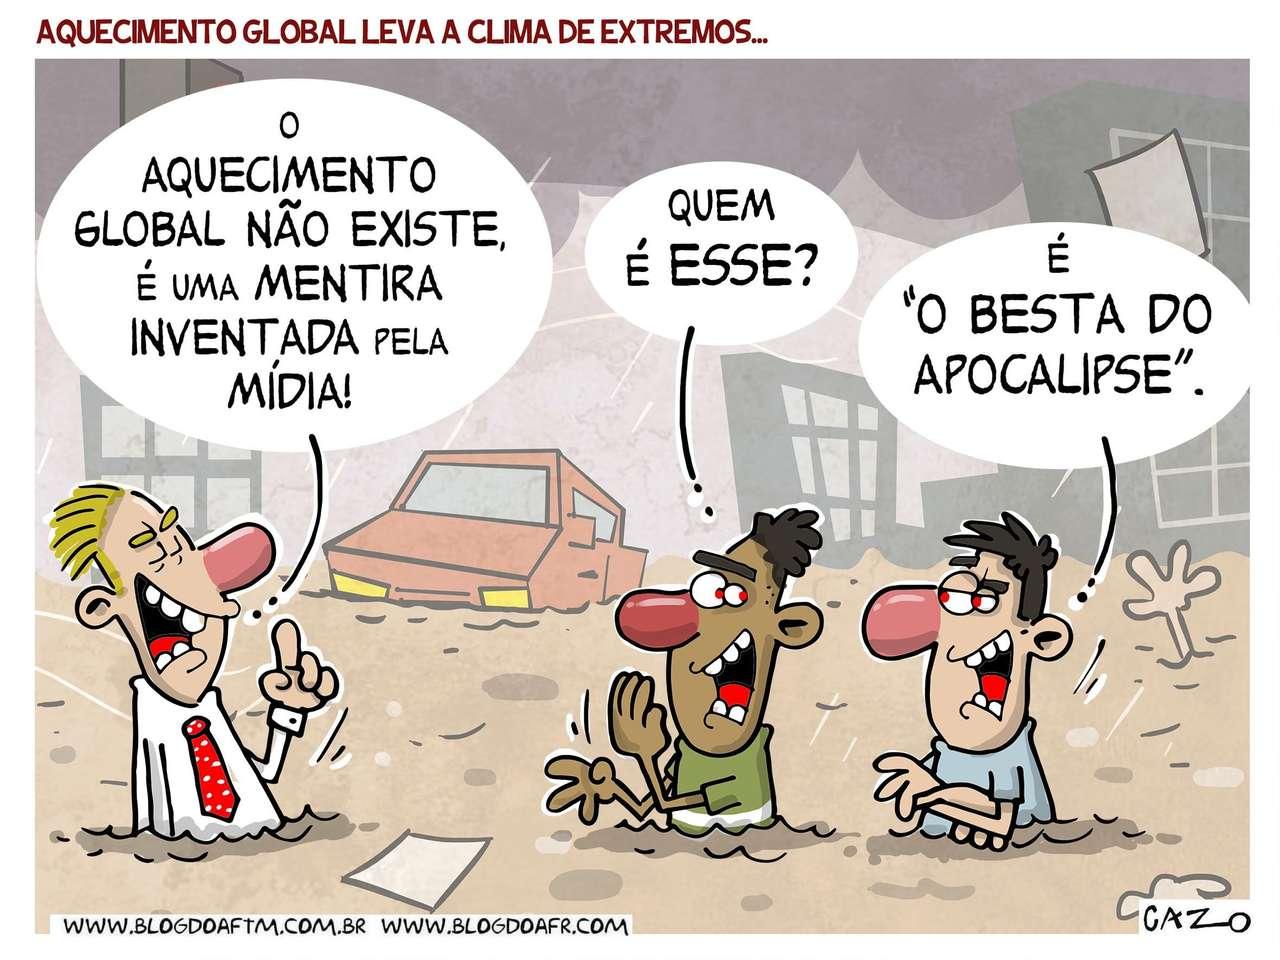 réchauffement climatique - Cours de langue portugaise (9×7)